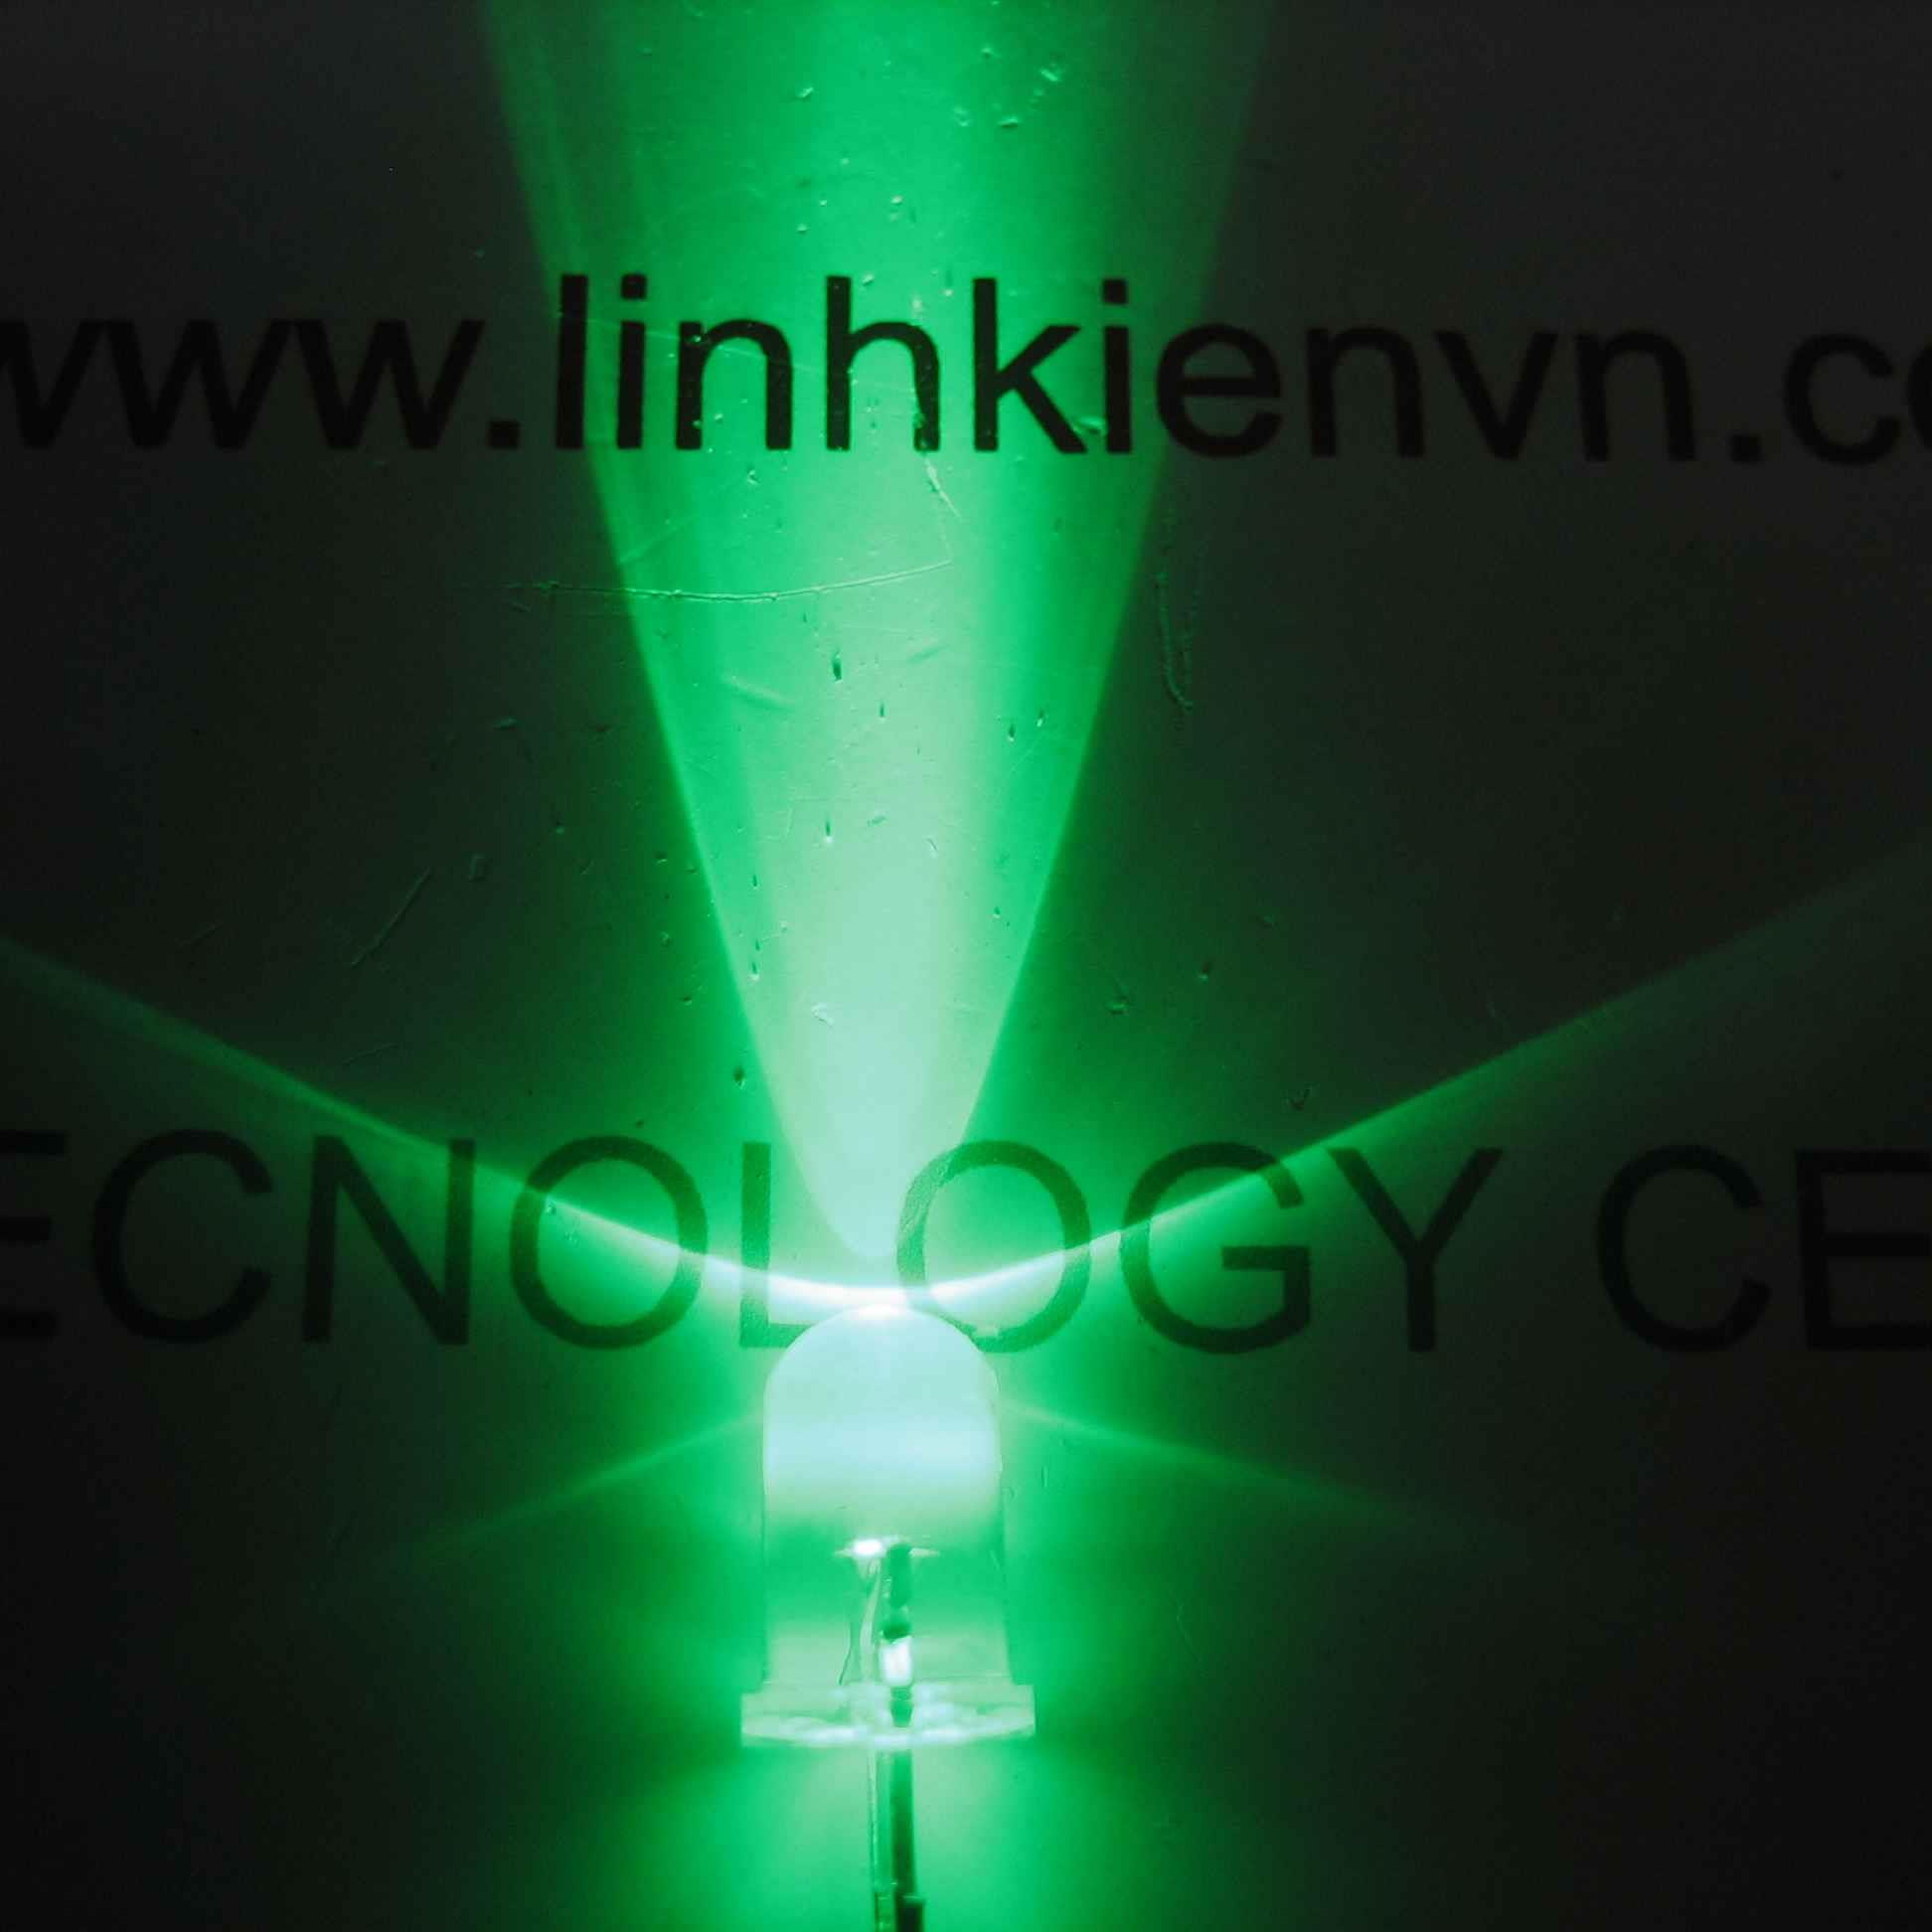 Led siêu sáng xanh lá 5mm (10 chiếc) - A5H18 (KA2H1)